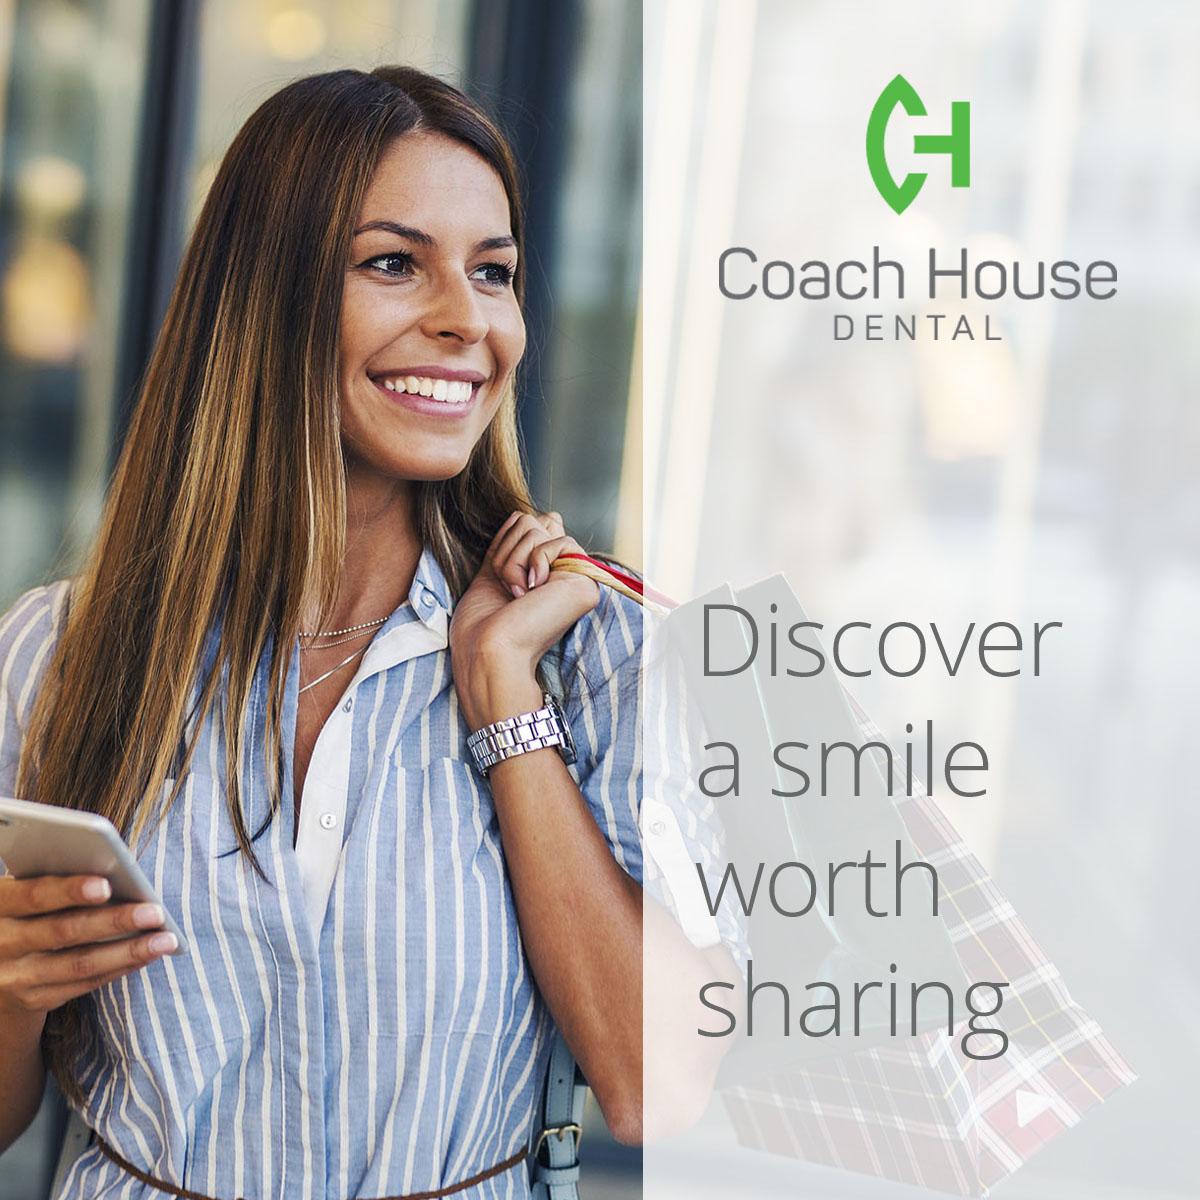 Coach House Dental